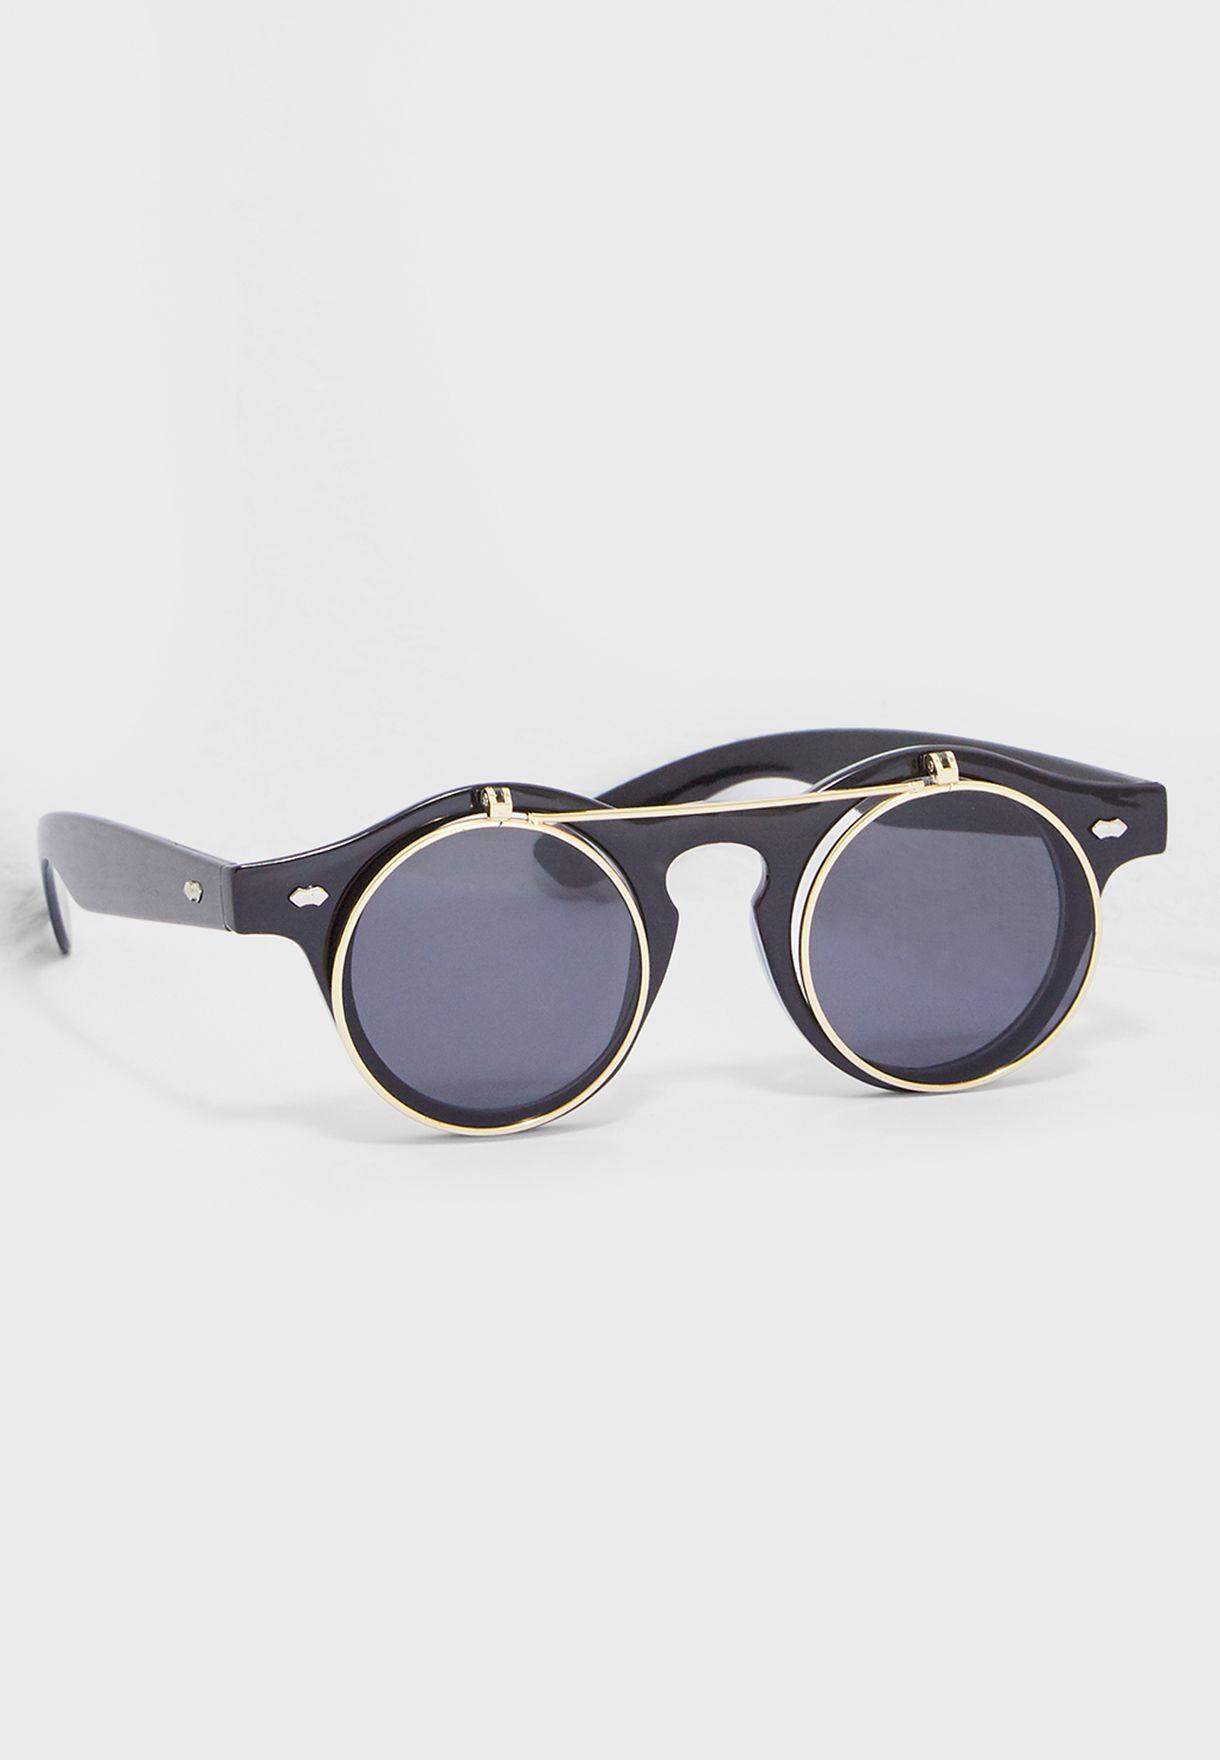 e45db9922036 Shop Seventy five black Round Flap Vintage Sunglasses 2020 for Men ...